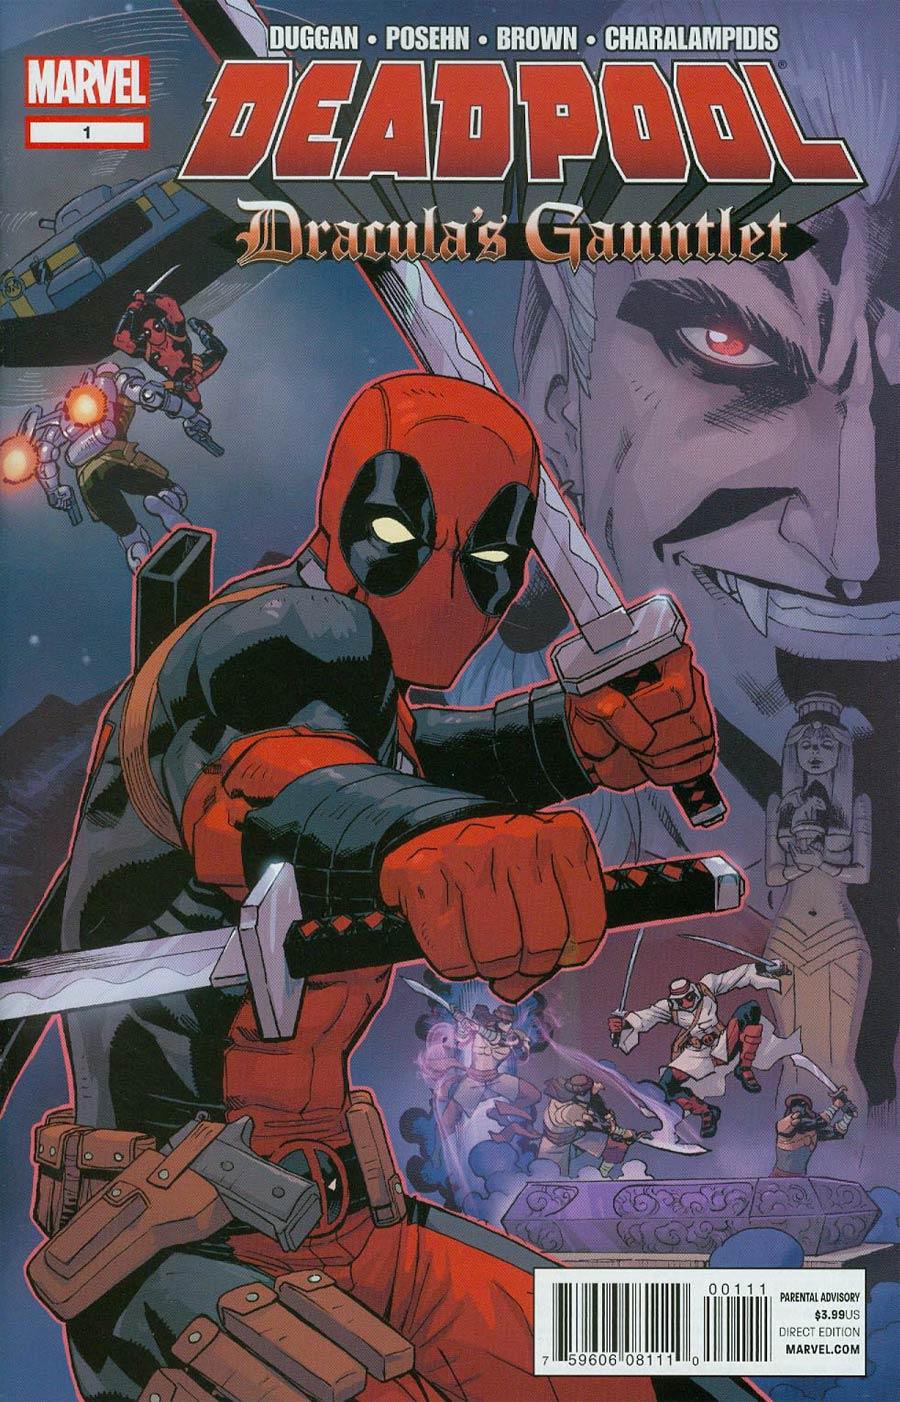 Deadpool Draculas Gauntlet #1